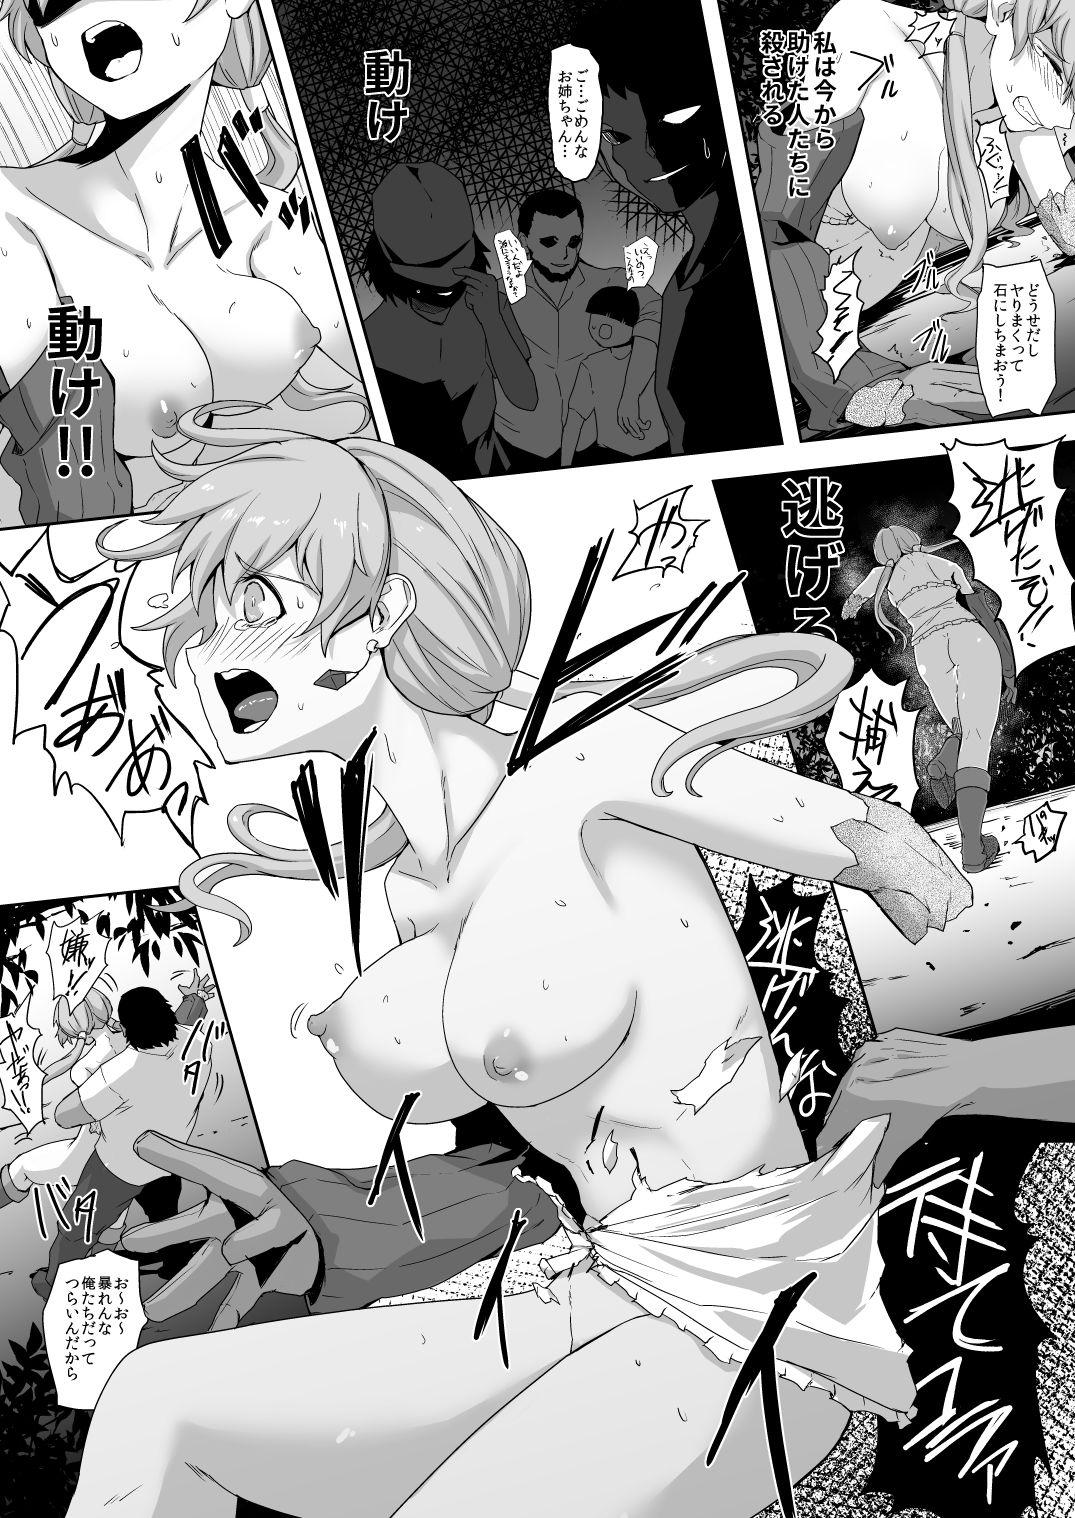 健気な女剣士、皆の為にコカトリスを倒したのに助けた村人に犯される